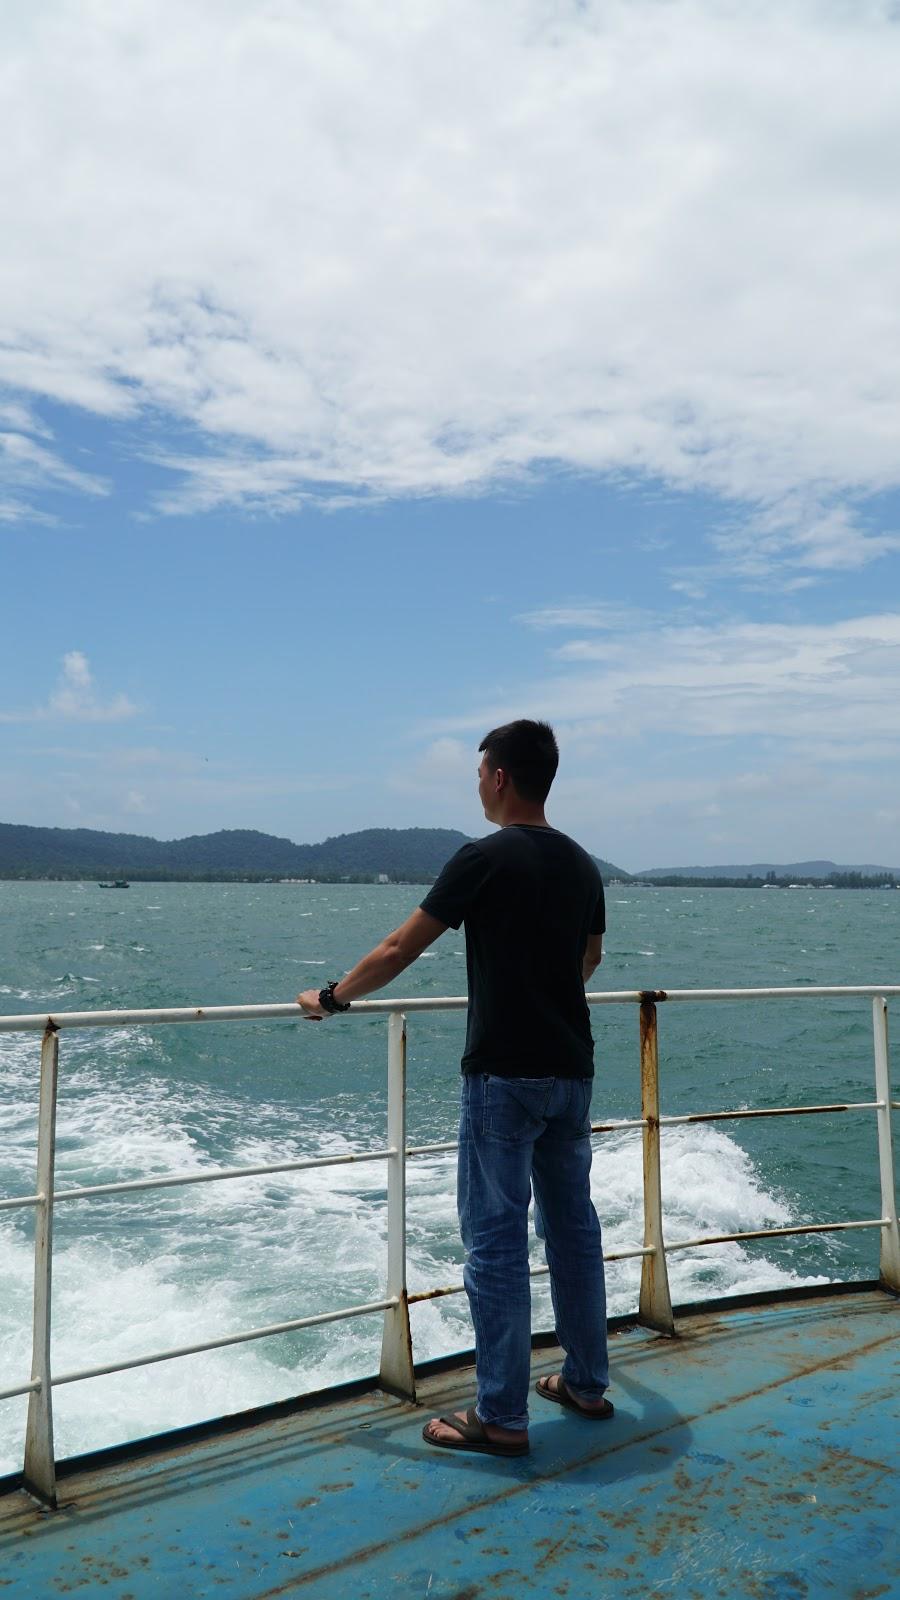 Được đi trên biển, đó là một trải nghiệm vô cùng đáng nhớ